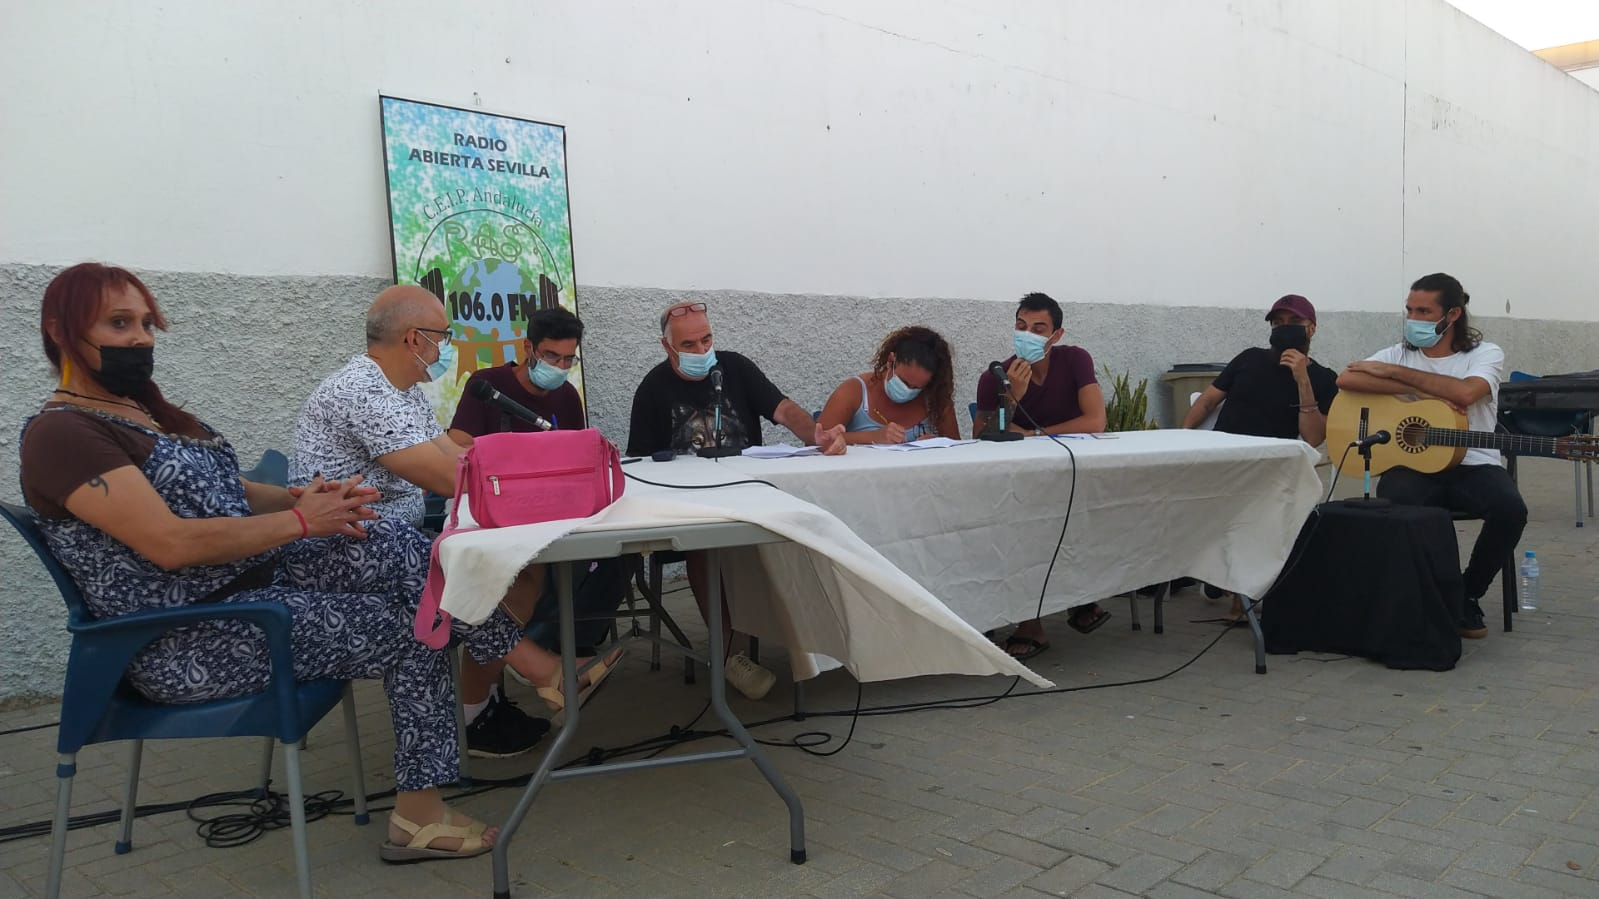 Diversidad en la comunidad(es) de Polígono Sur